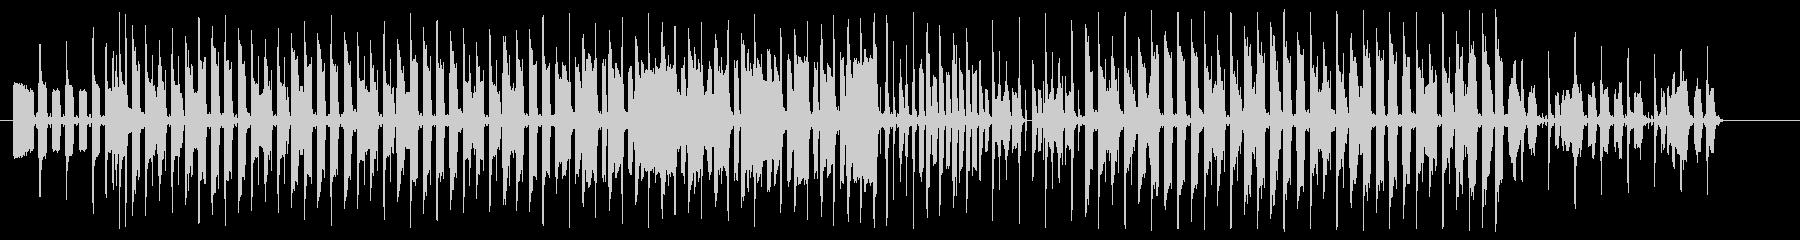 ハムスターをイメージしたペットのテーマの未再生の波形